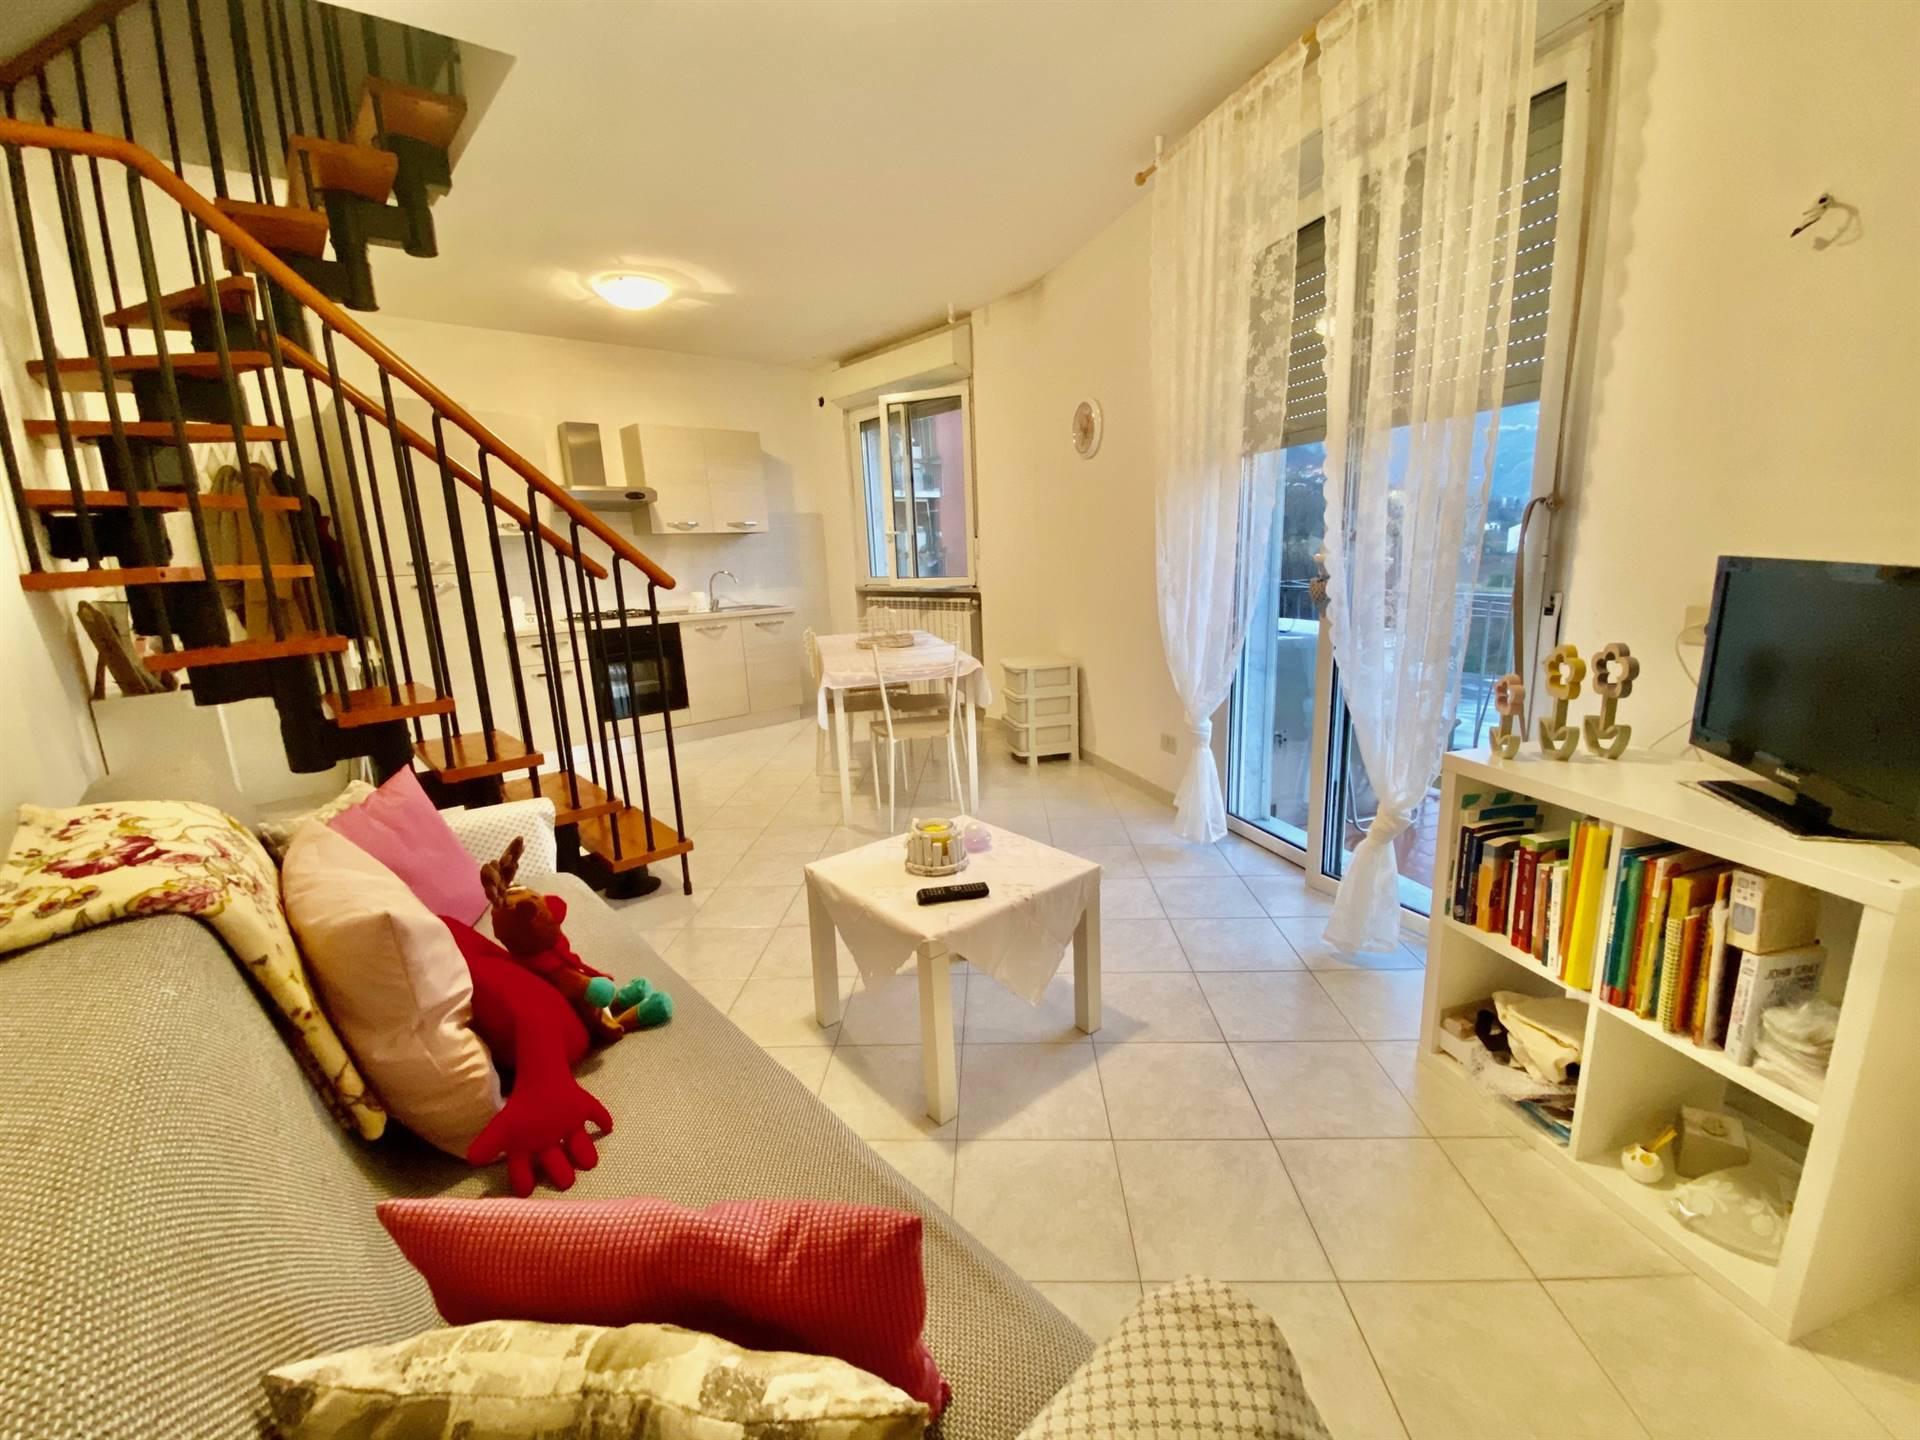 Appartamento in vendita a Follo, 2 locali, zona Località: PIAN DI FOLLO, prezzo € 59.000   PortaleAgenzieImmobiliari.it